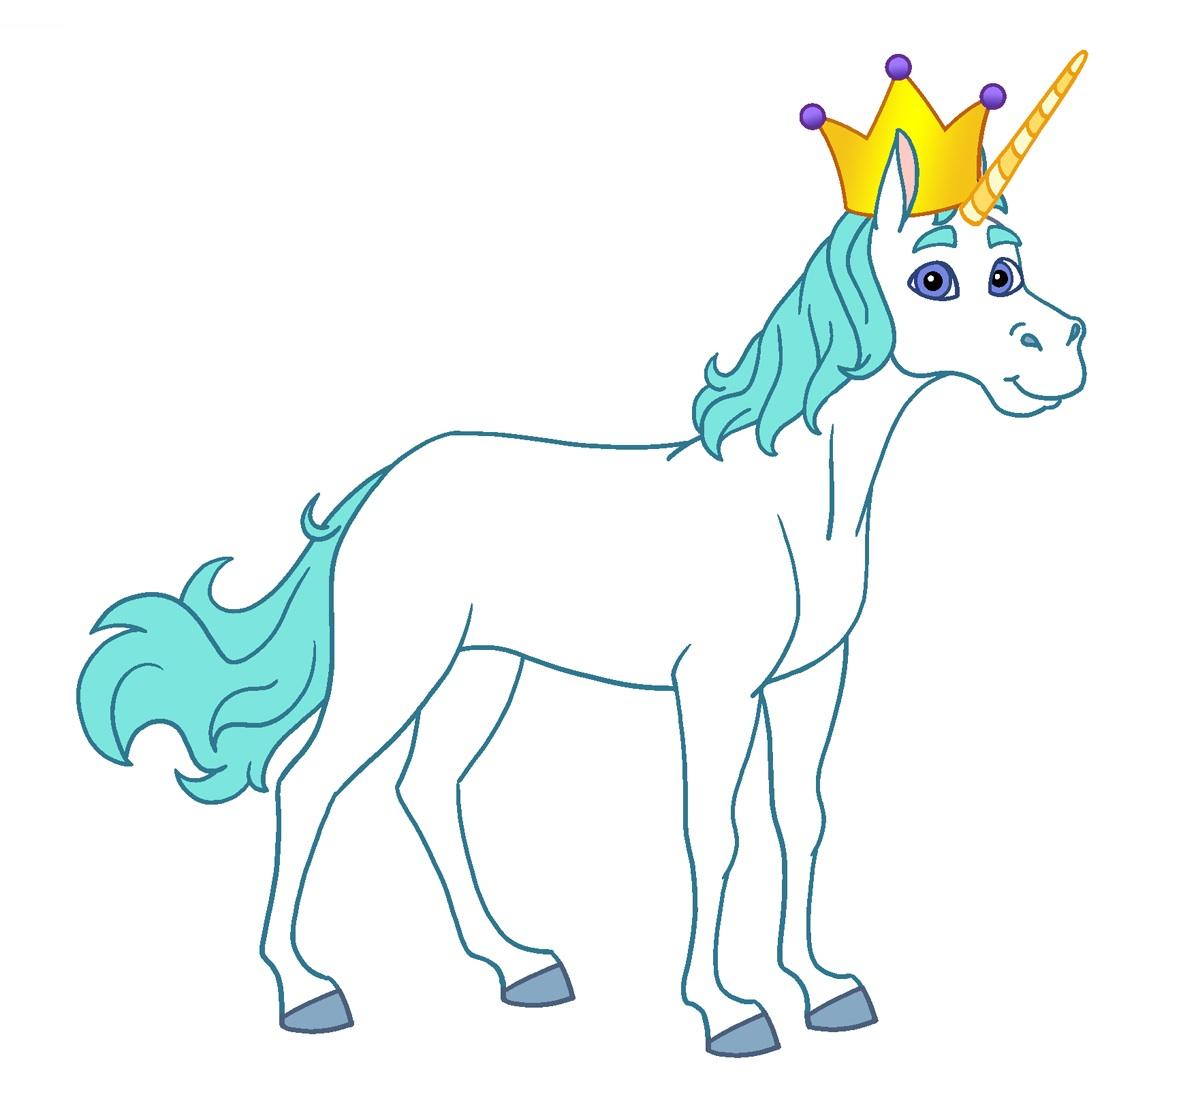 Unicornio | Dora the Explorer Wiki | FANDOM powered by Wikia